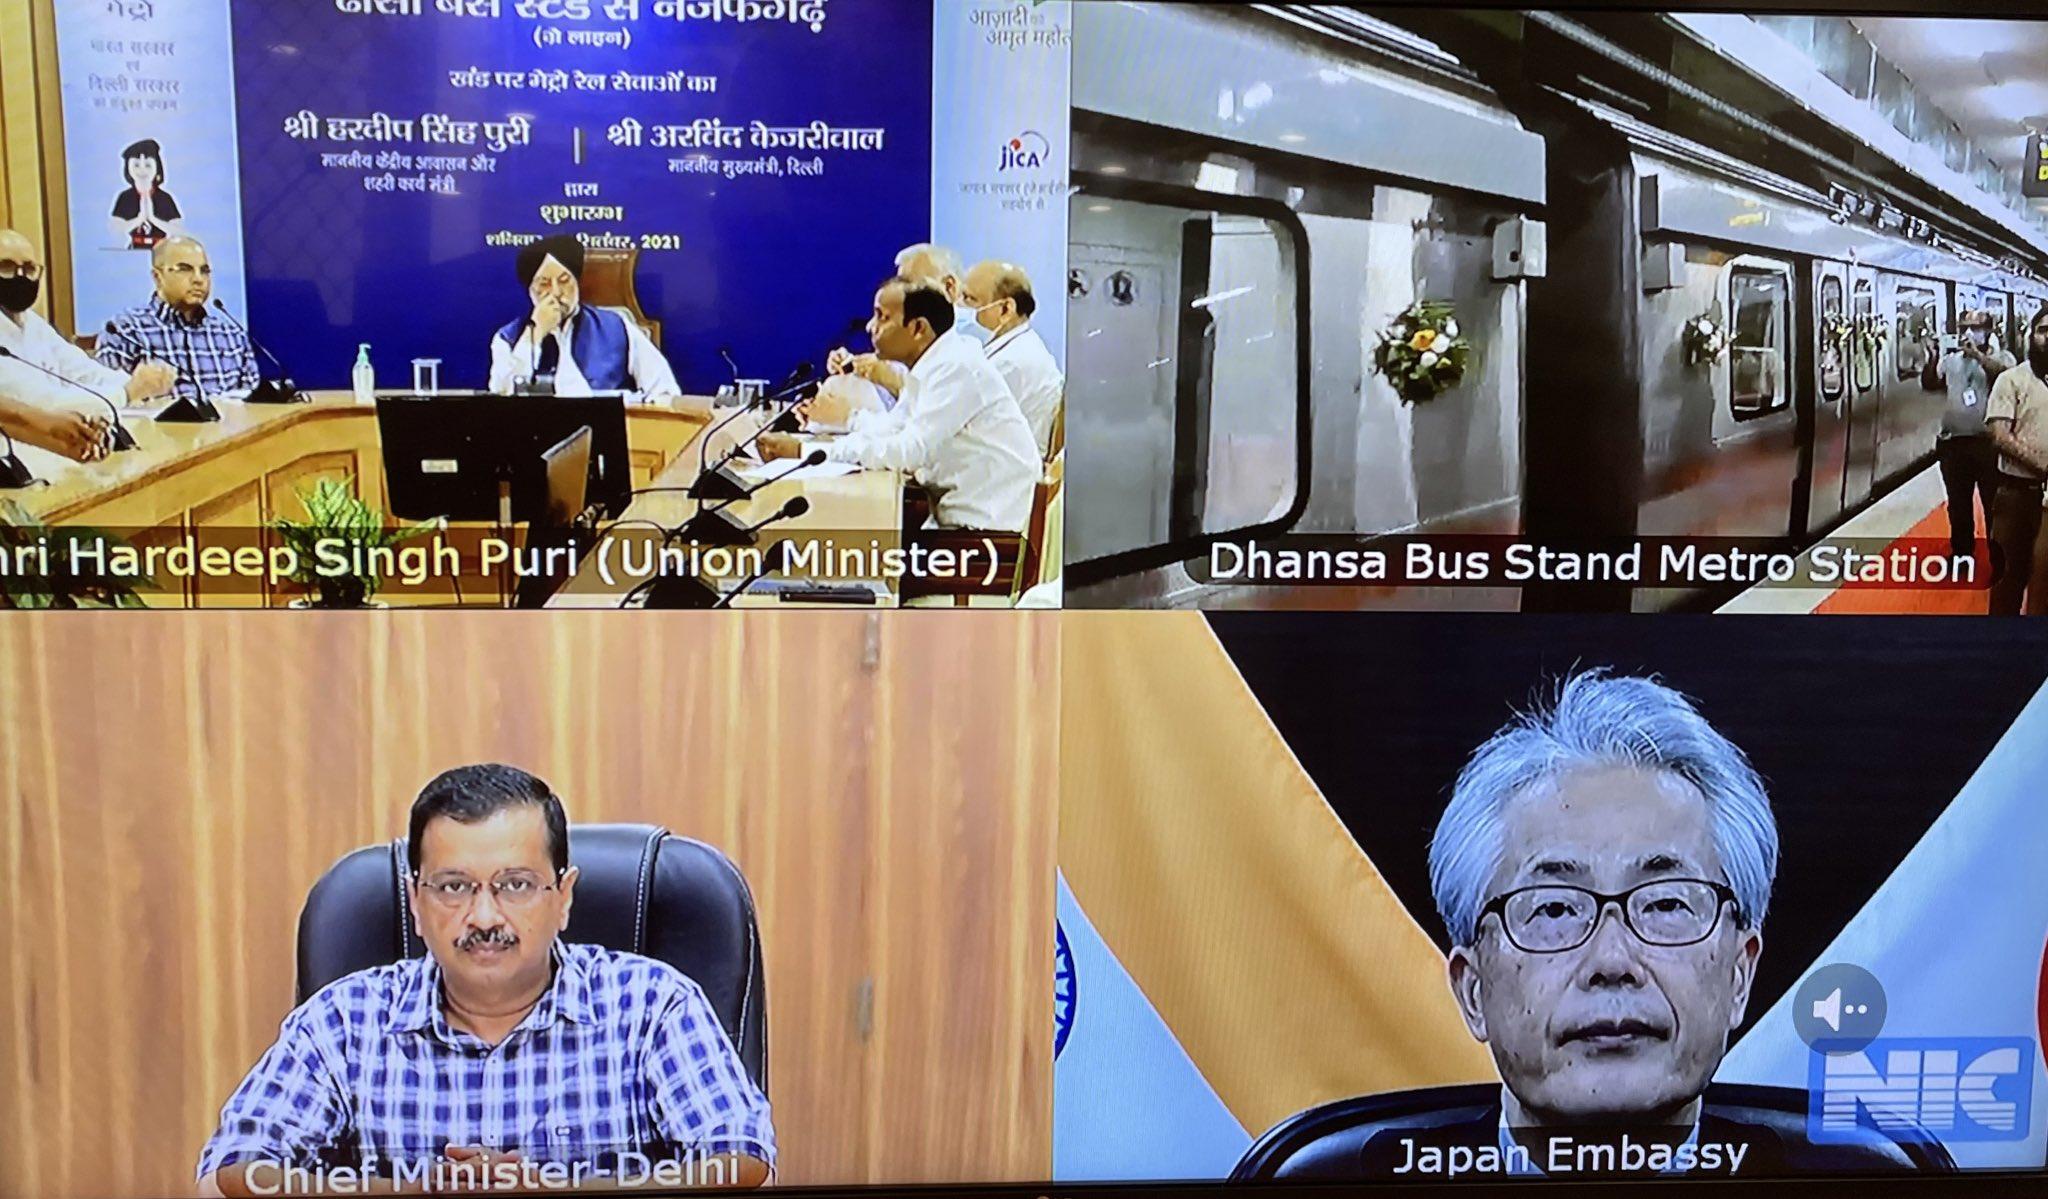 केंद्रीय मंत्री हरदीप सिंह पुरी और दिल्ली के मुख्यमंत्री केजरीवाल ने दिल्ली मेट्रो की ग्रे-लाइन पर नजफगढ़-ढांसा बस स्टैंड खंड का उद्घाटन किया